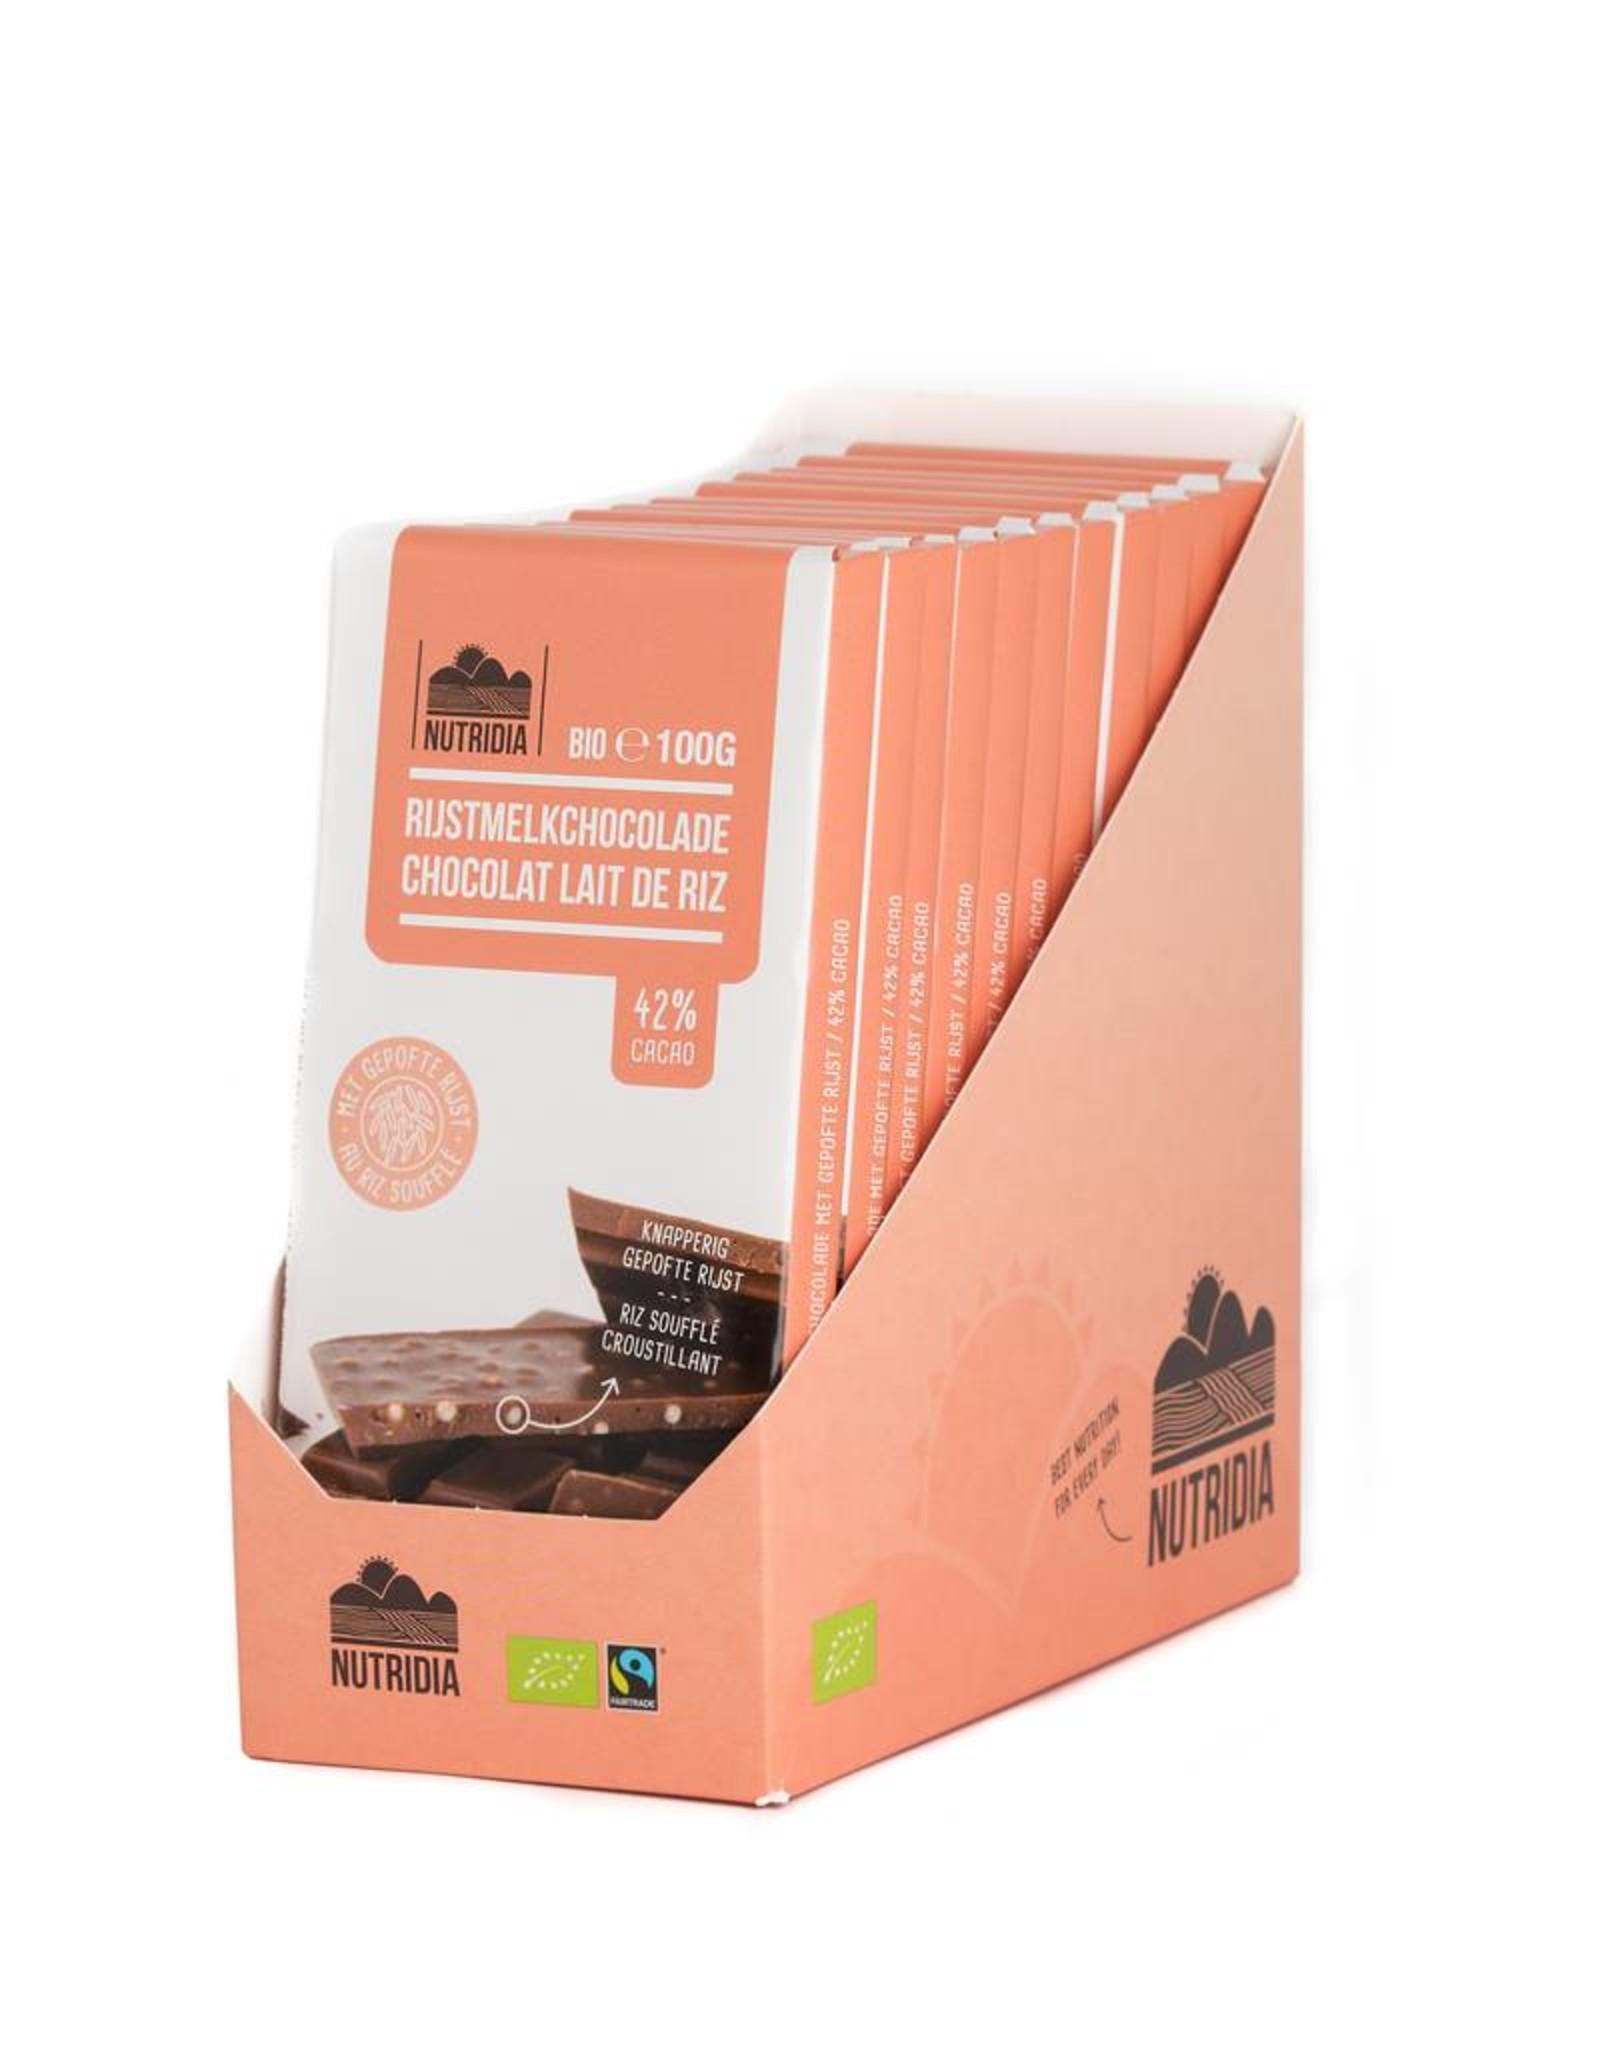 Nutribel Tablet rijstmelkchocolade gepofte rijst bio 100g 12 stuks